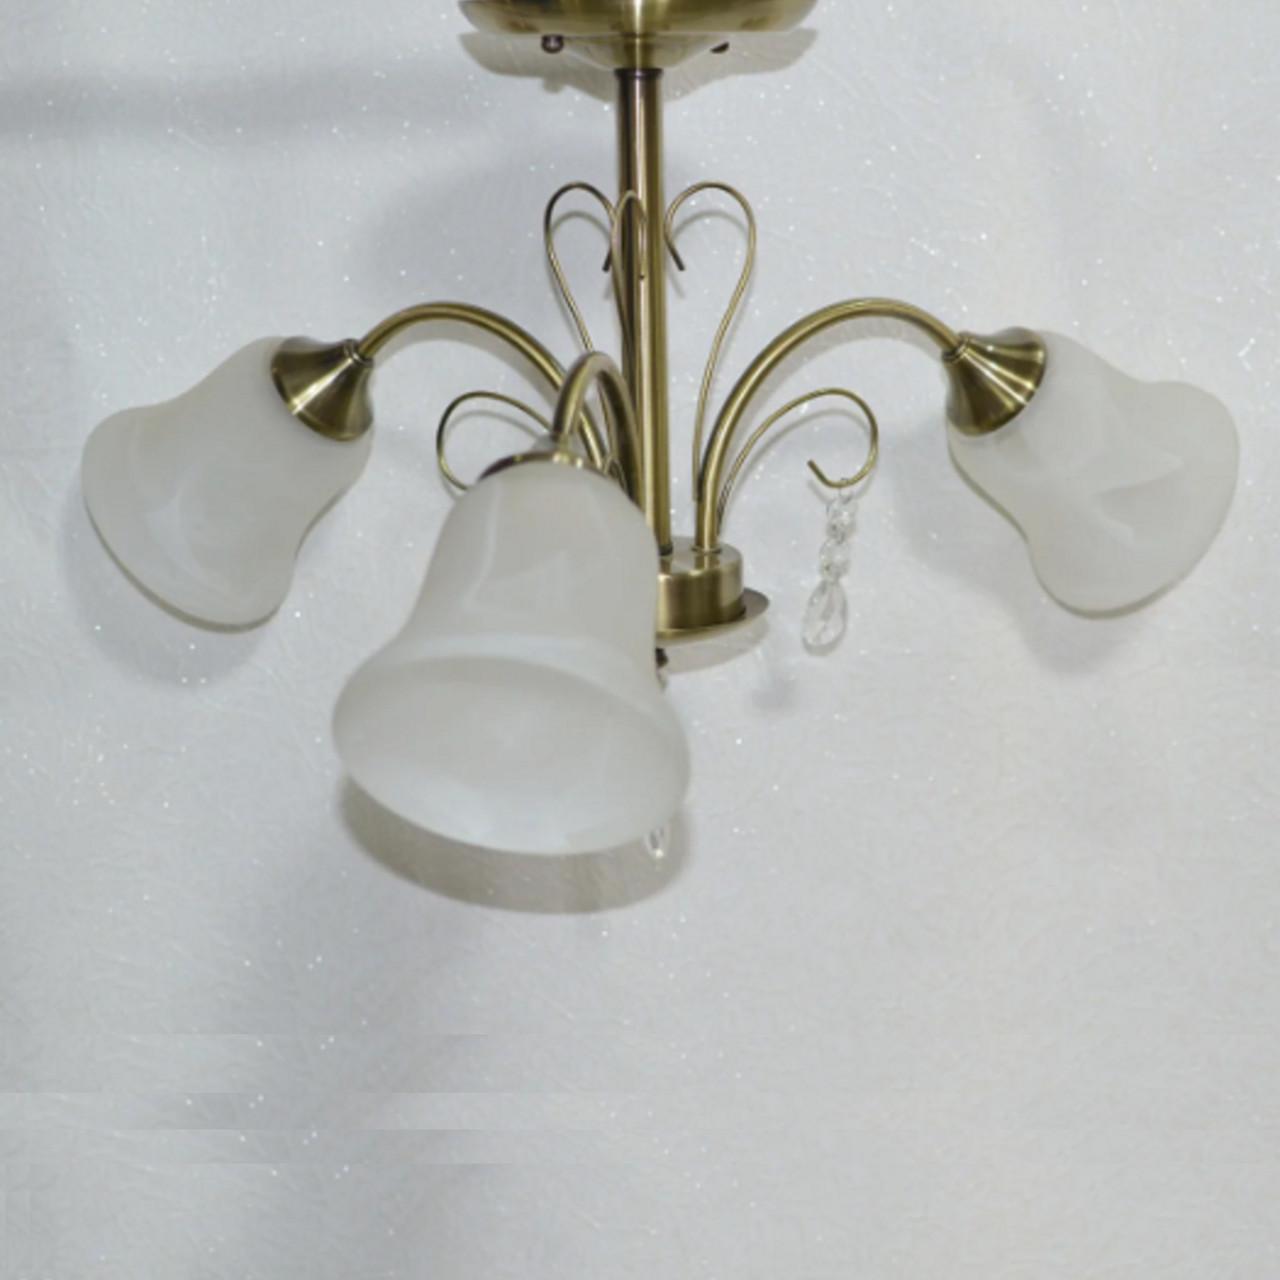 Люстра, 3 лампы, белые плафоны, бронзовая